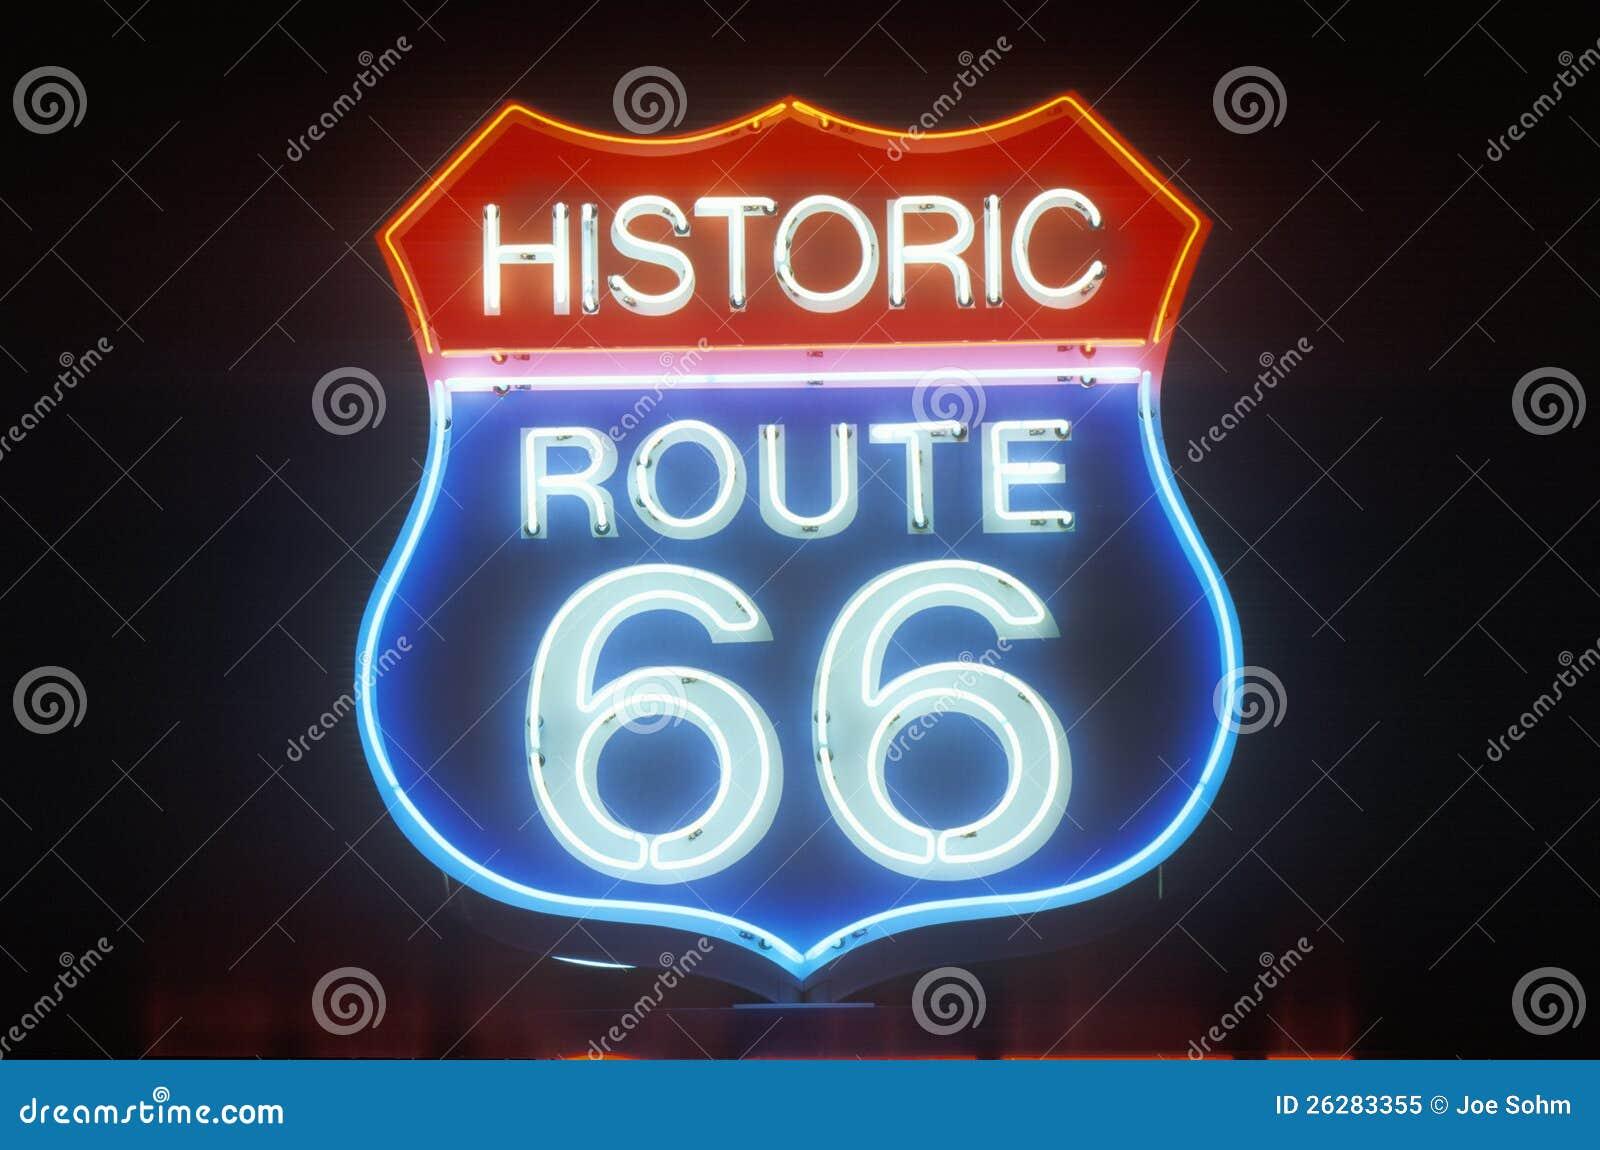 Muestra de neón de la ruta 66 históricos